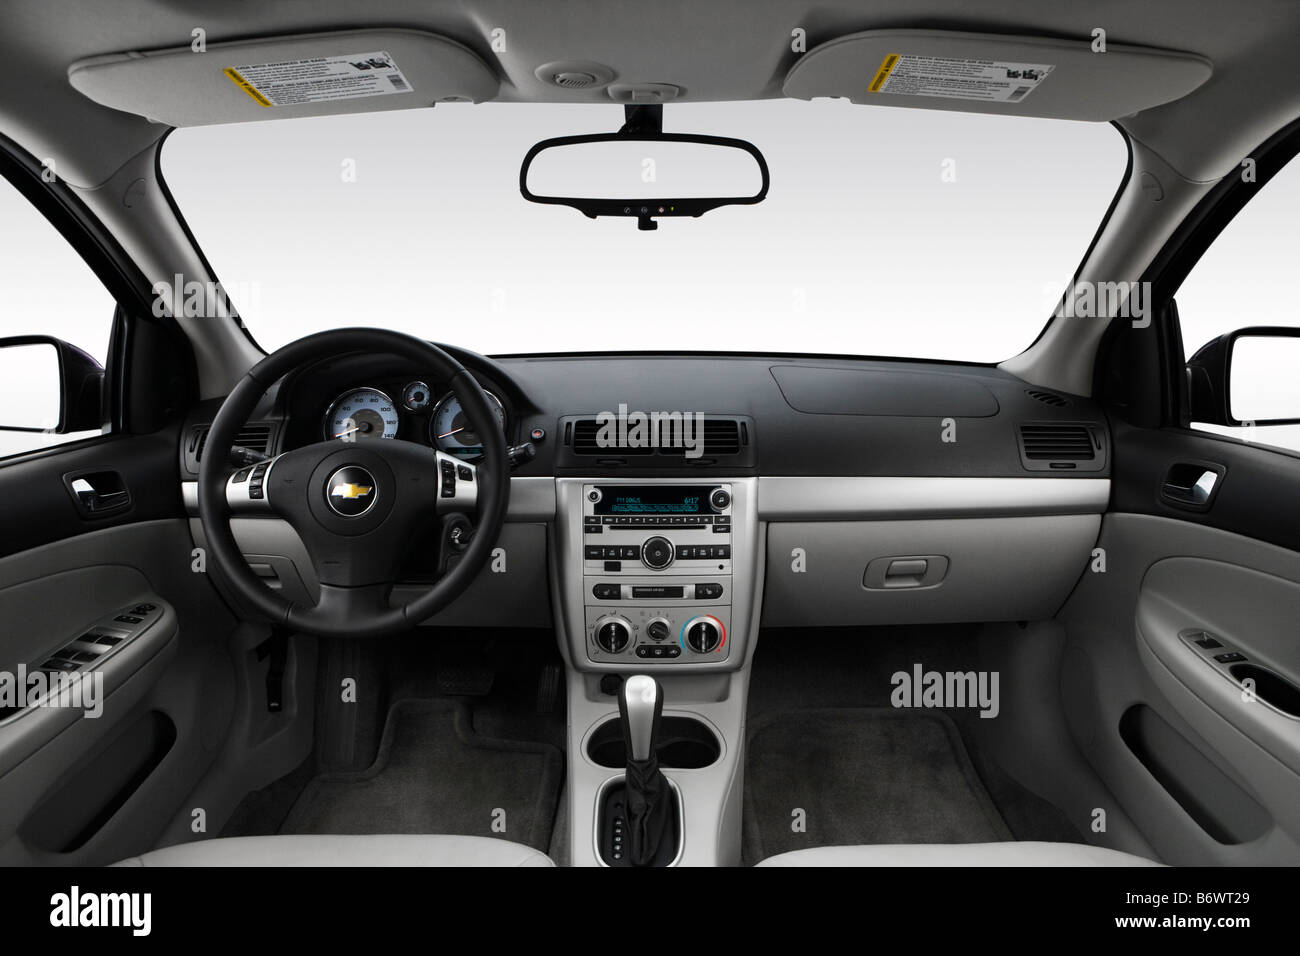 Cobalt chevy cobalt lt 2009 : 2009 Chevrolet Cobalt LT in Blue - Dashboard, center console, gear ...